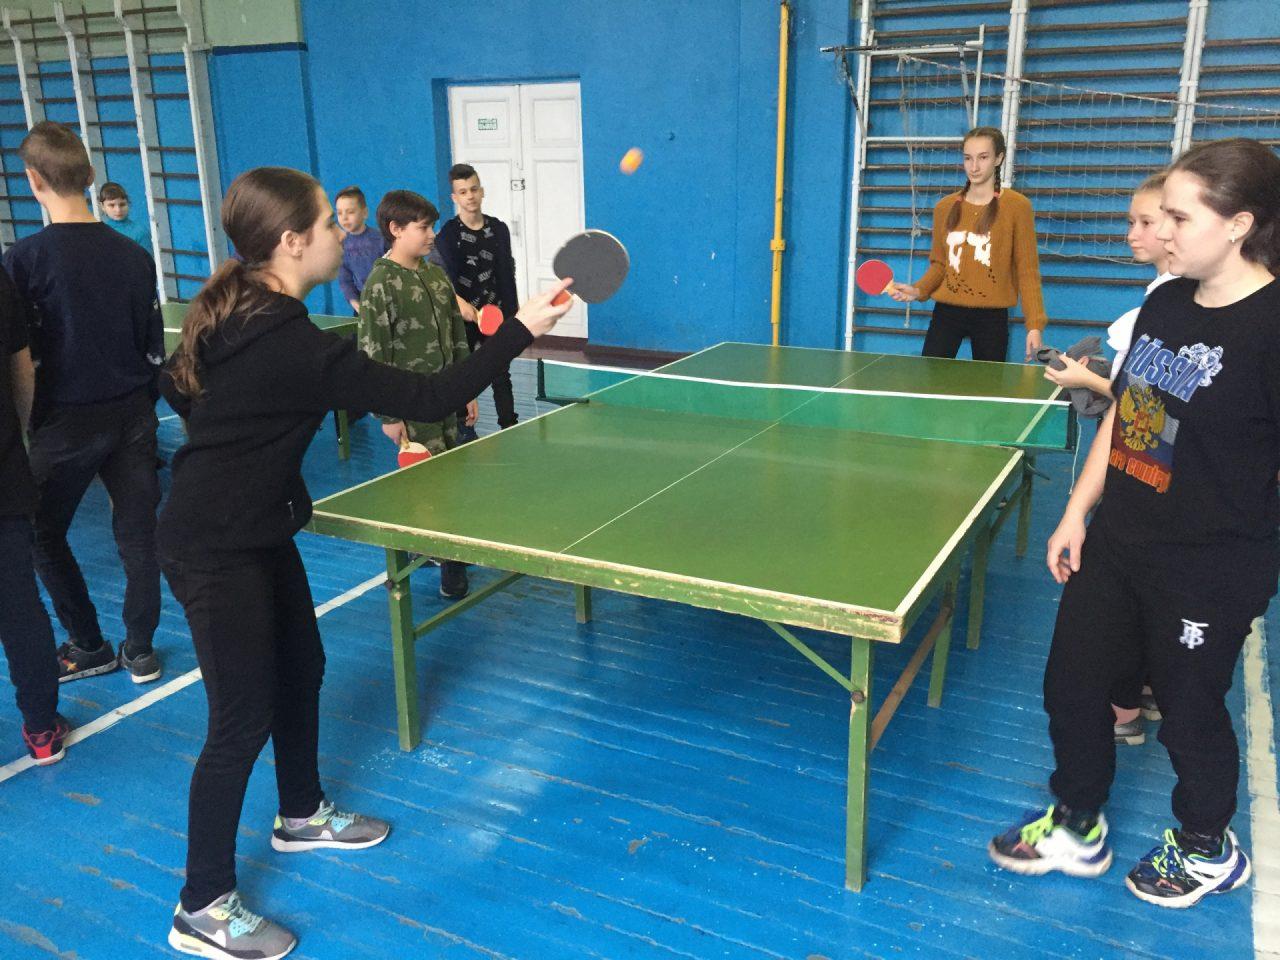 nastolnij-tennis-sredi-shkolnikov-1